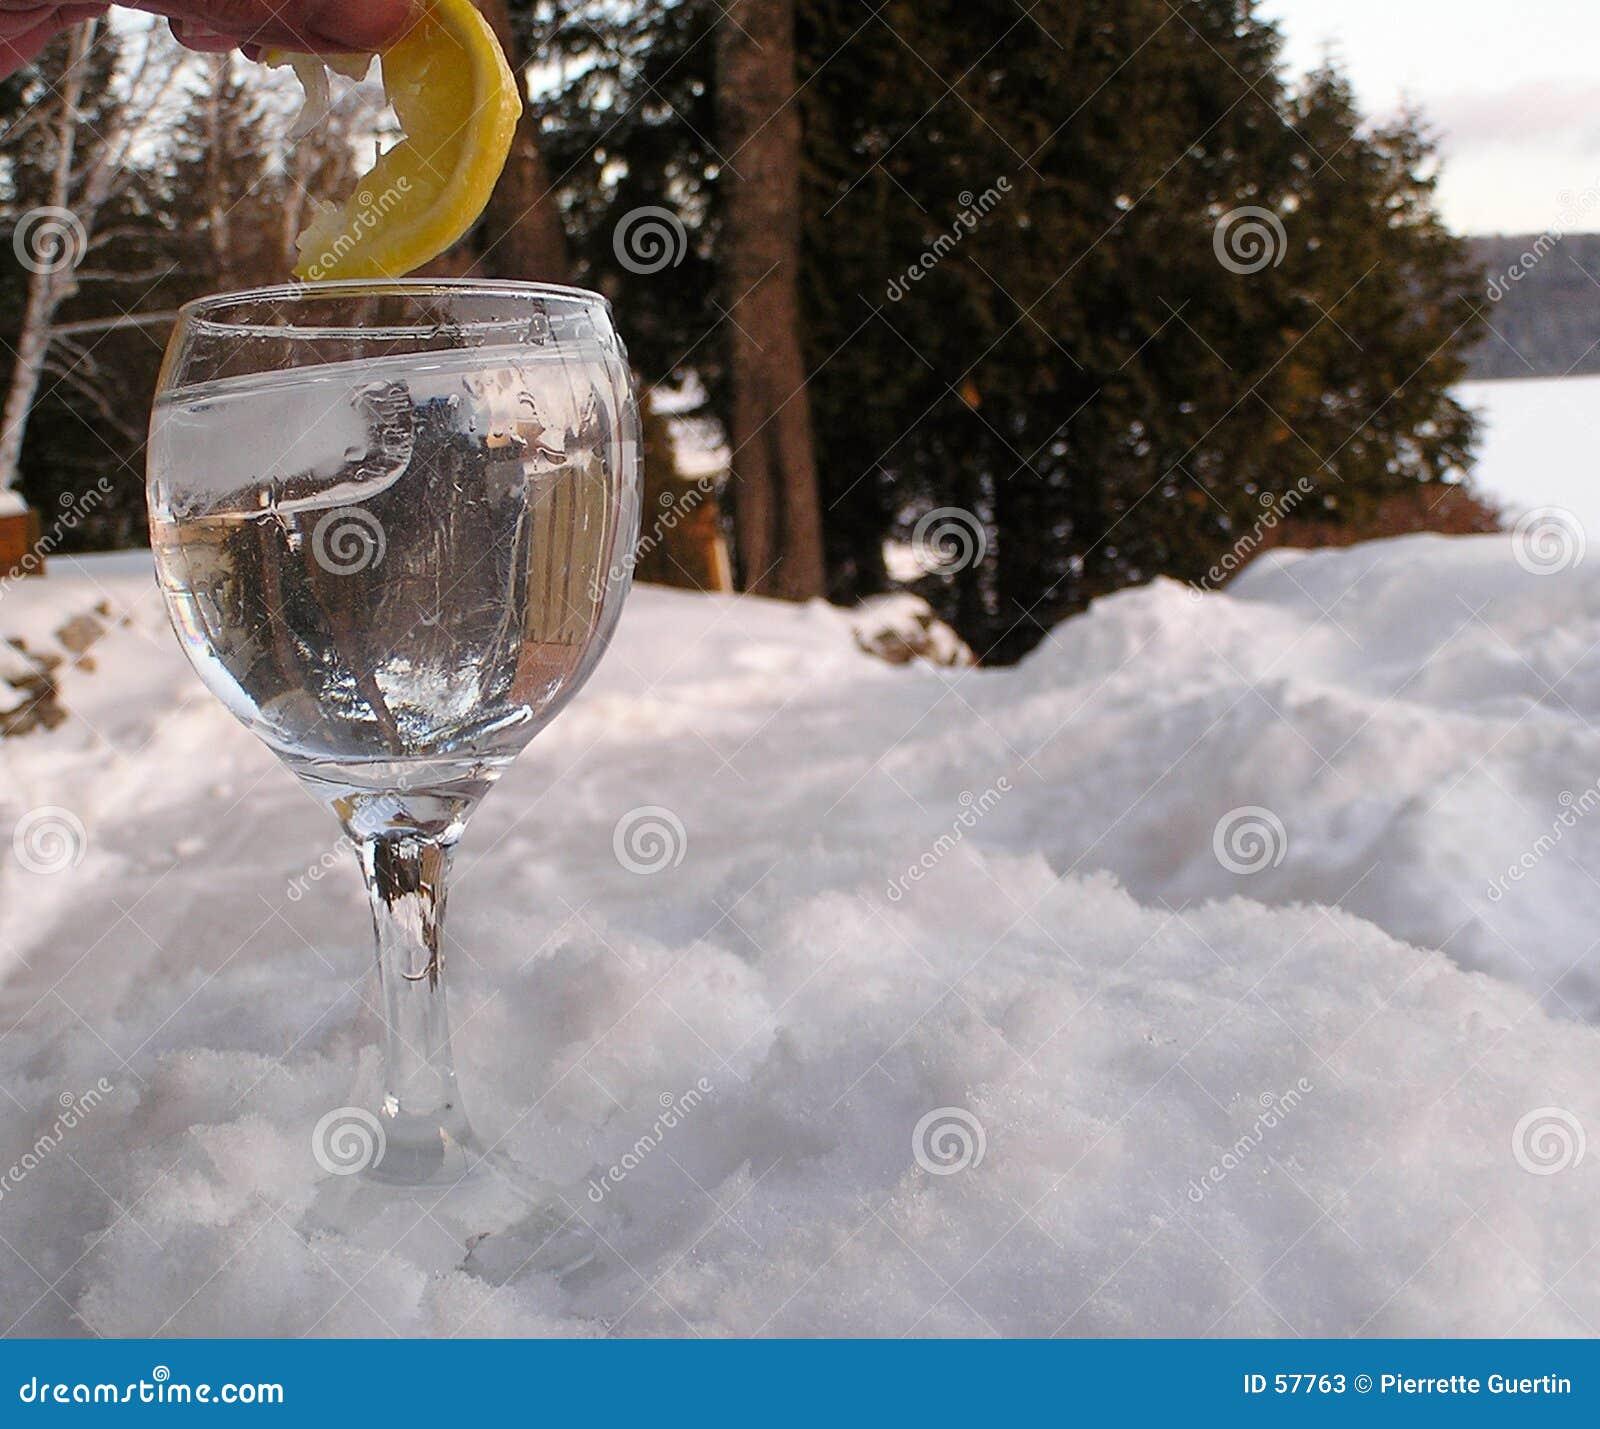 Download L'eau En Verre Sur Le Rock1 Image stock - Image du glace, réflexions: 57763